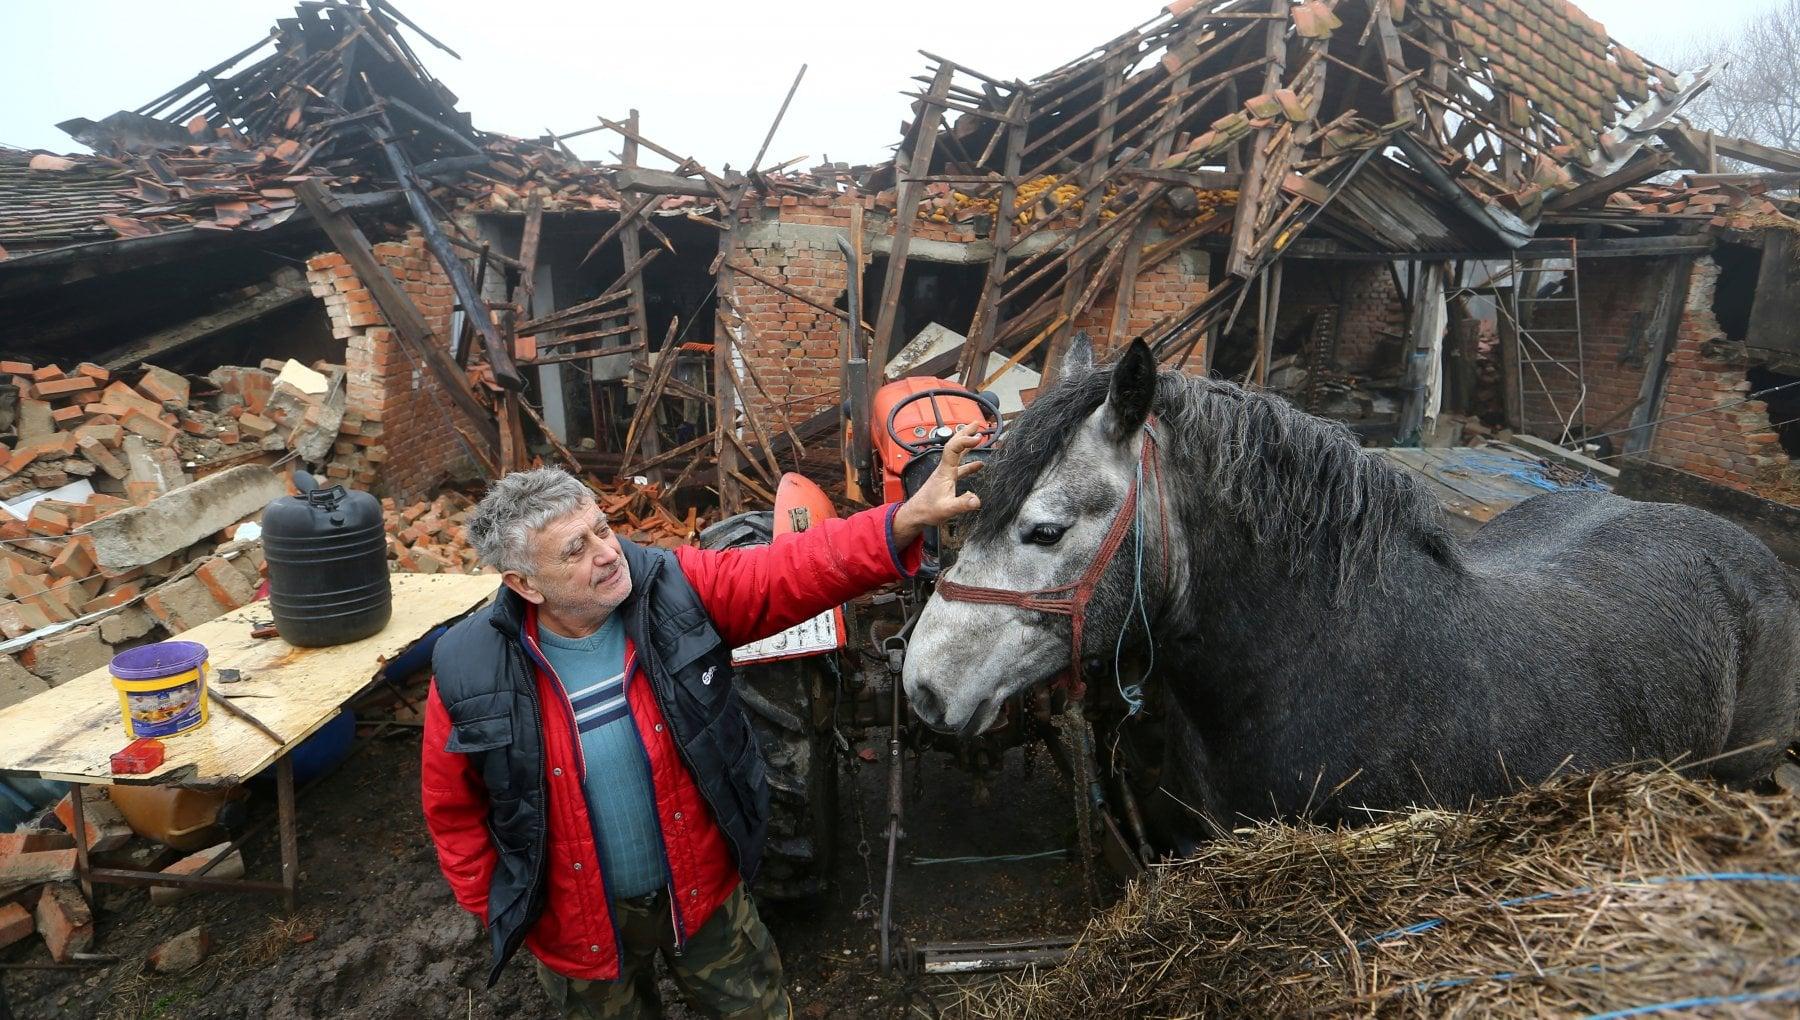 A Majske Poljane il villaggio piu colpito dal terremoto in Croazia Si sopravvive solo con la solidarieta